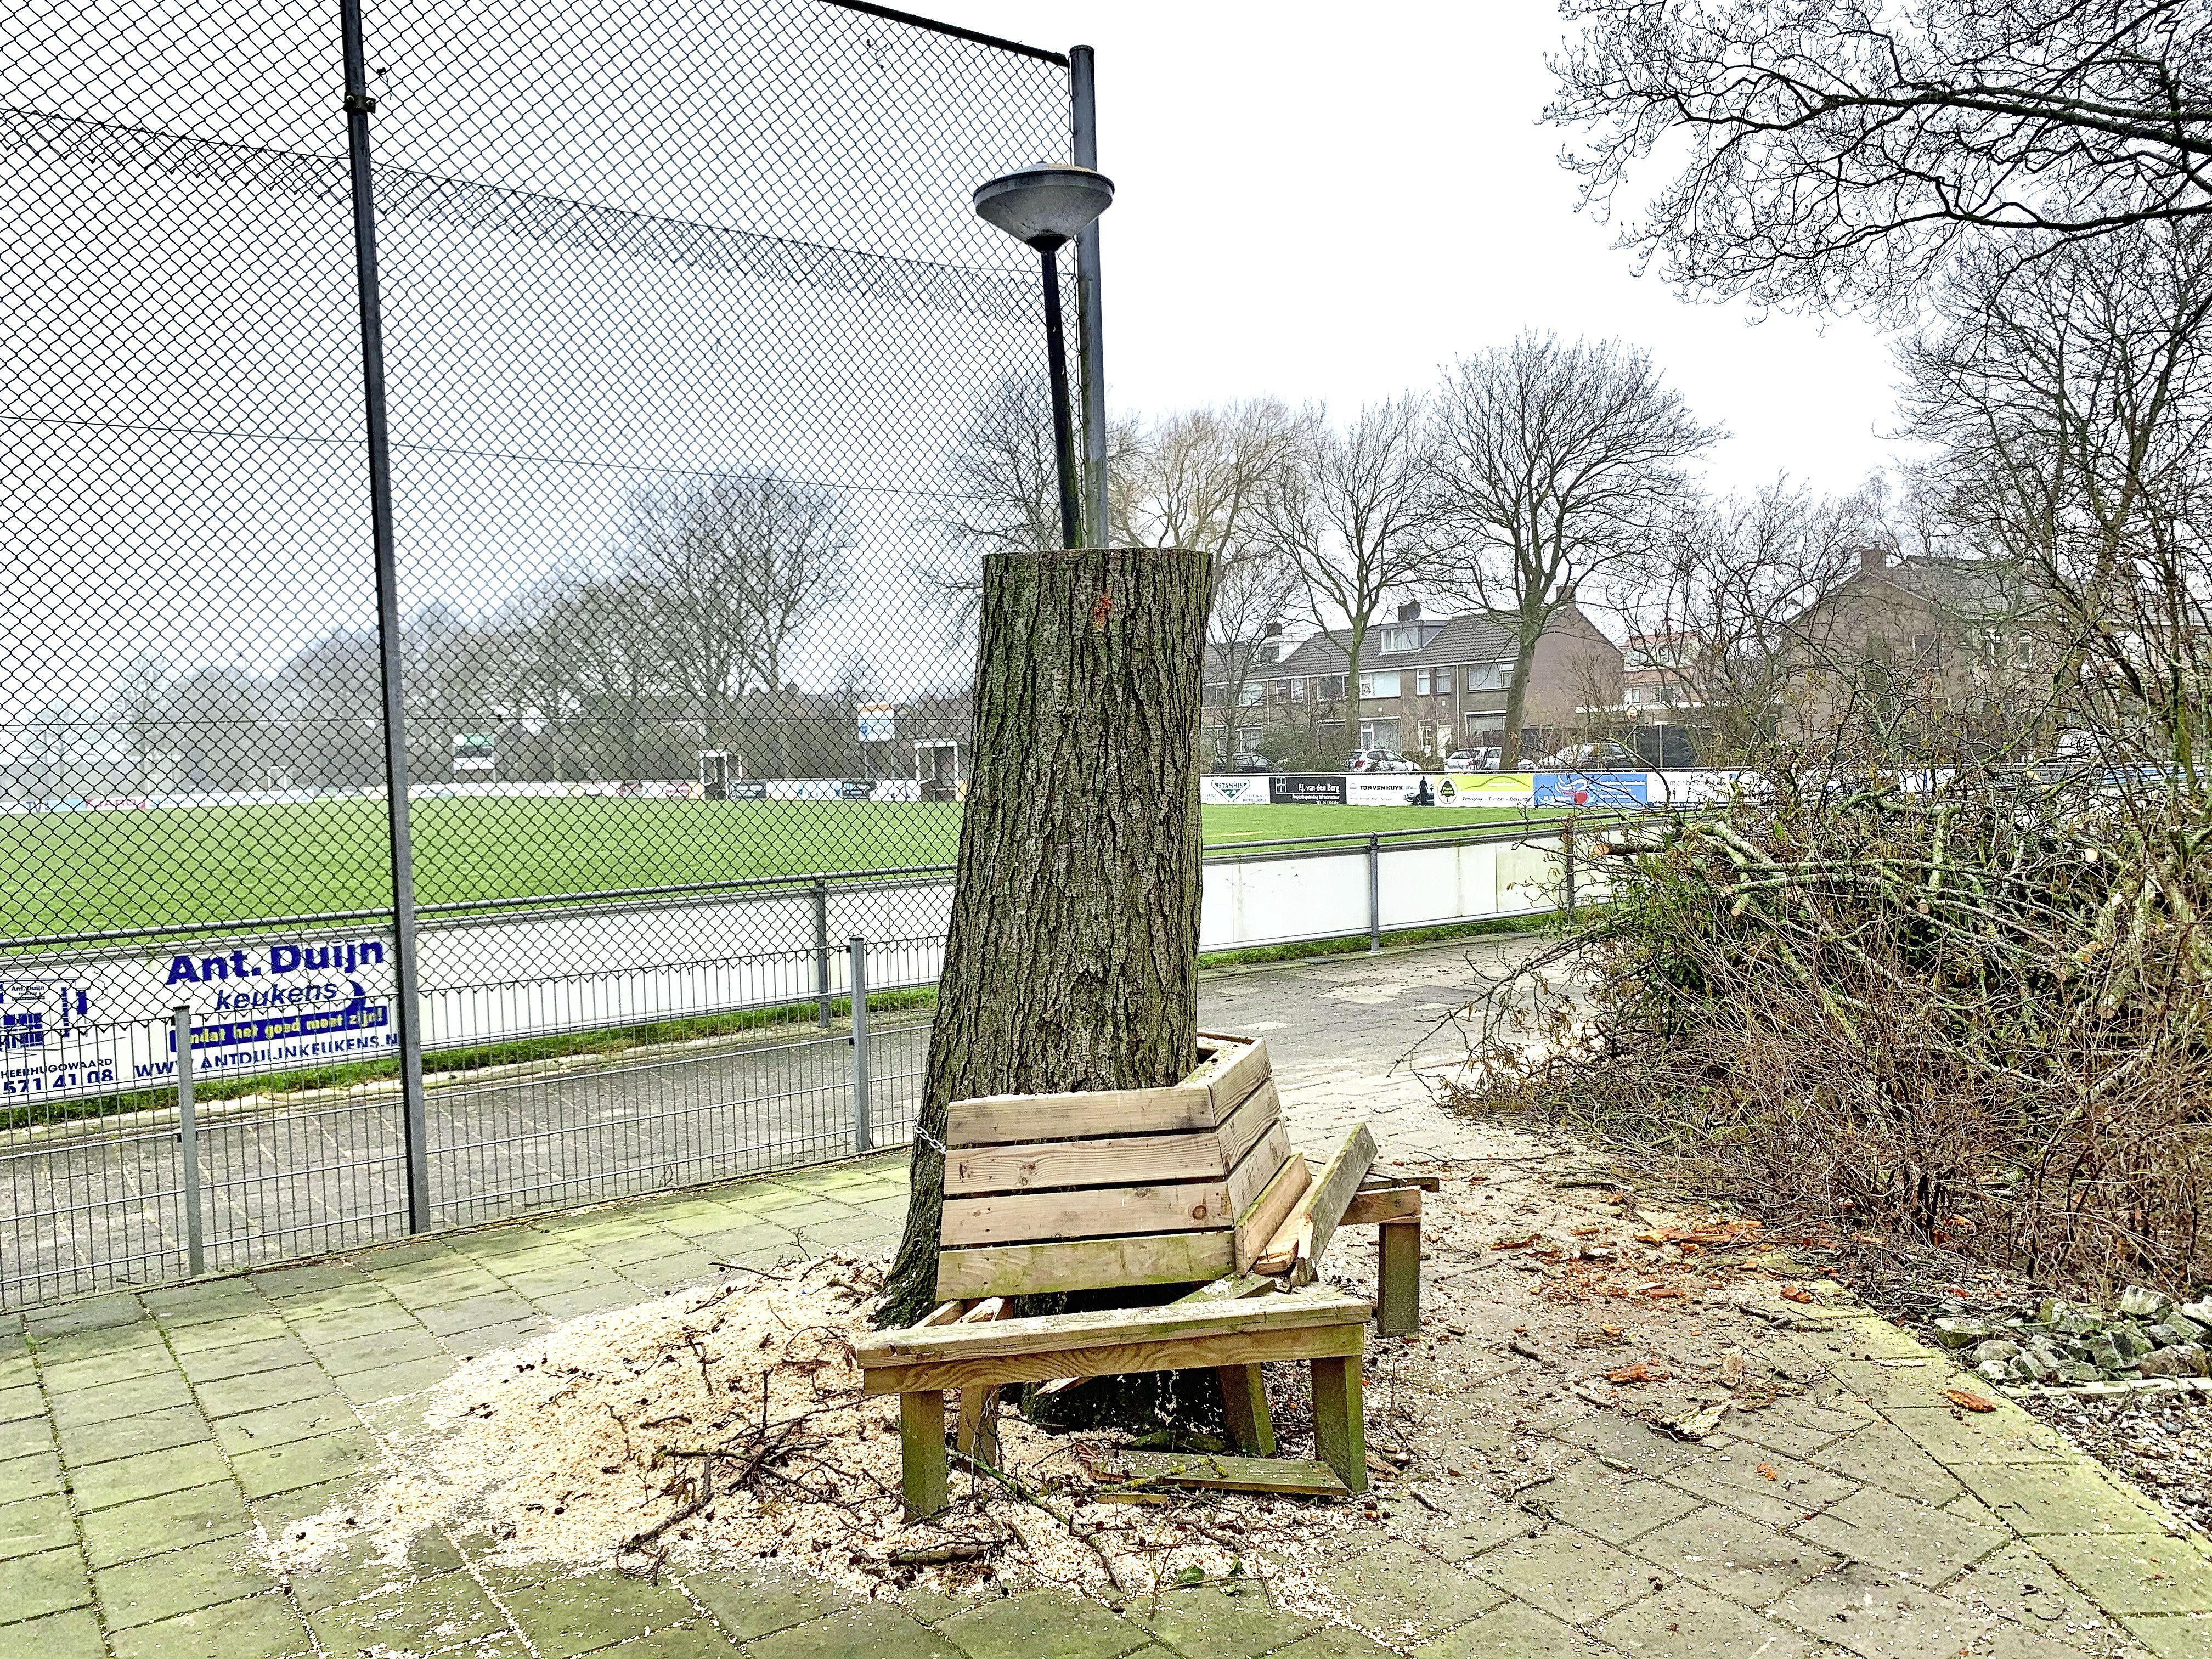 'Die boom krijgen we meer terug.' Gemeente Heerhugowaard hoopt op snelle oplossing na kappen stervende boom die nog springlevend was